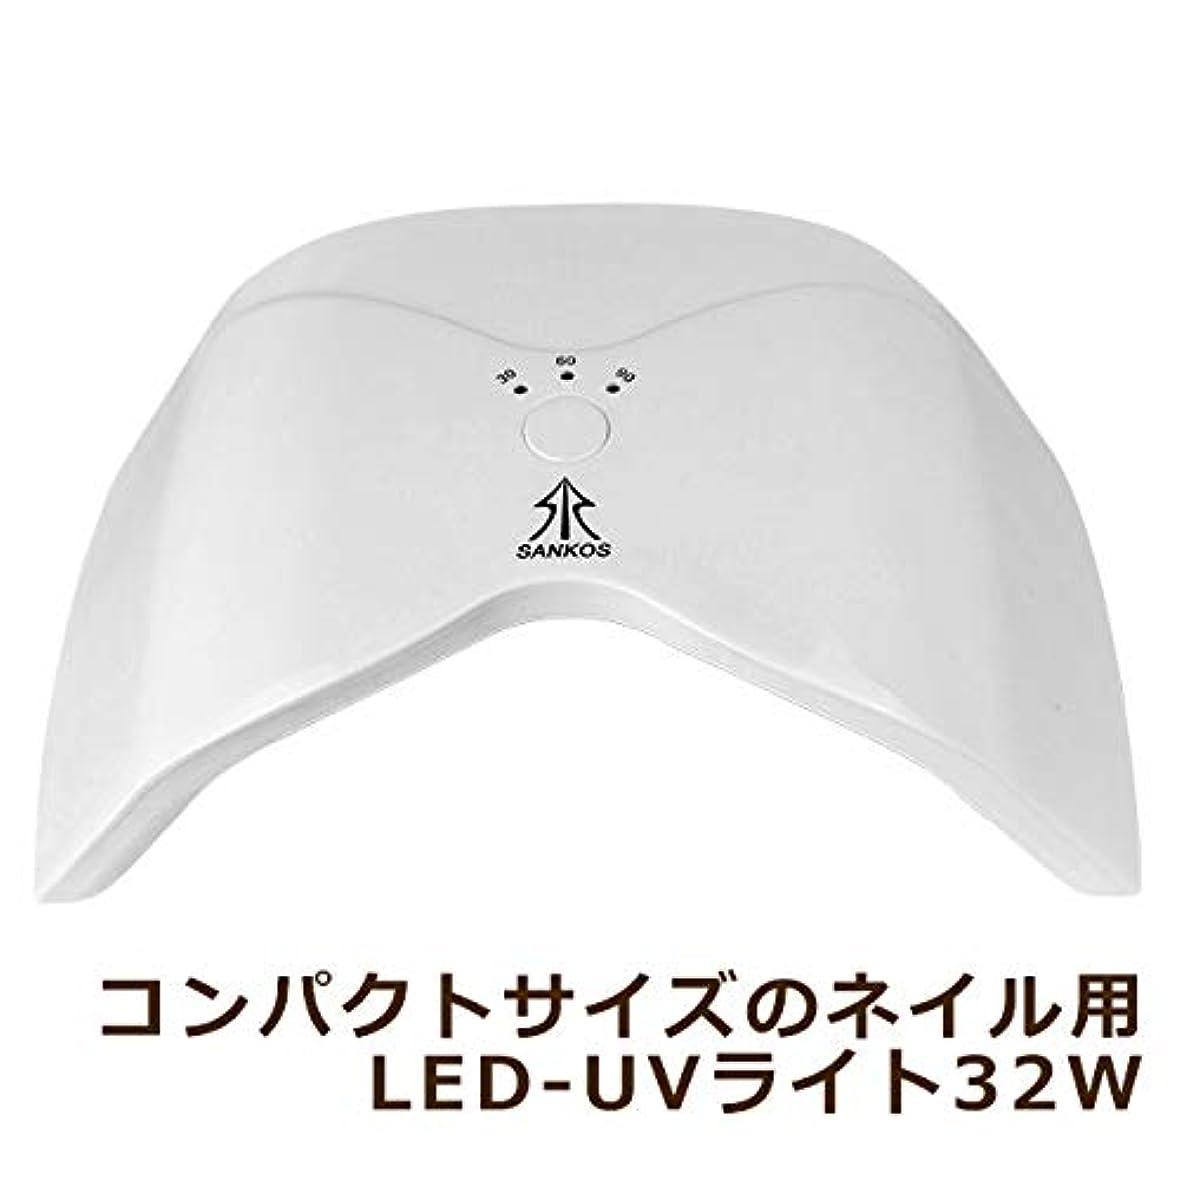 サスペンションドアミラー犬【新入荷】コンパクトサイズ ネイル用 LED-UVライト 32W (LED&UV両方対応)30秒・60秒・90秒タイマー付 (ホワイト)